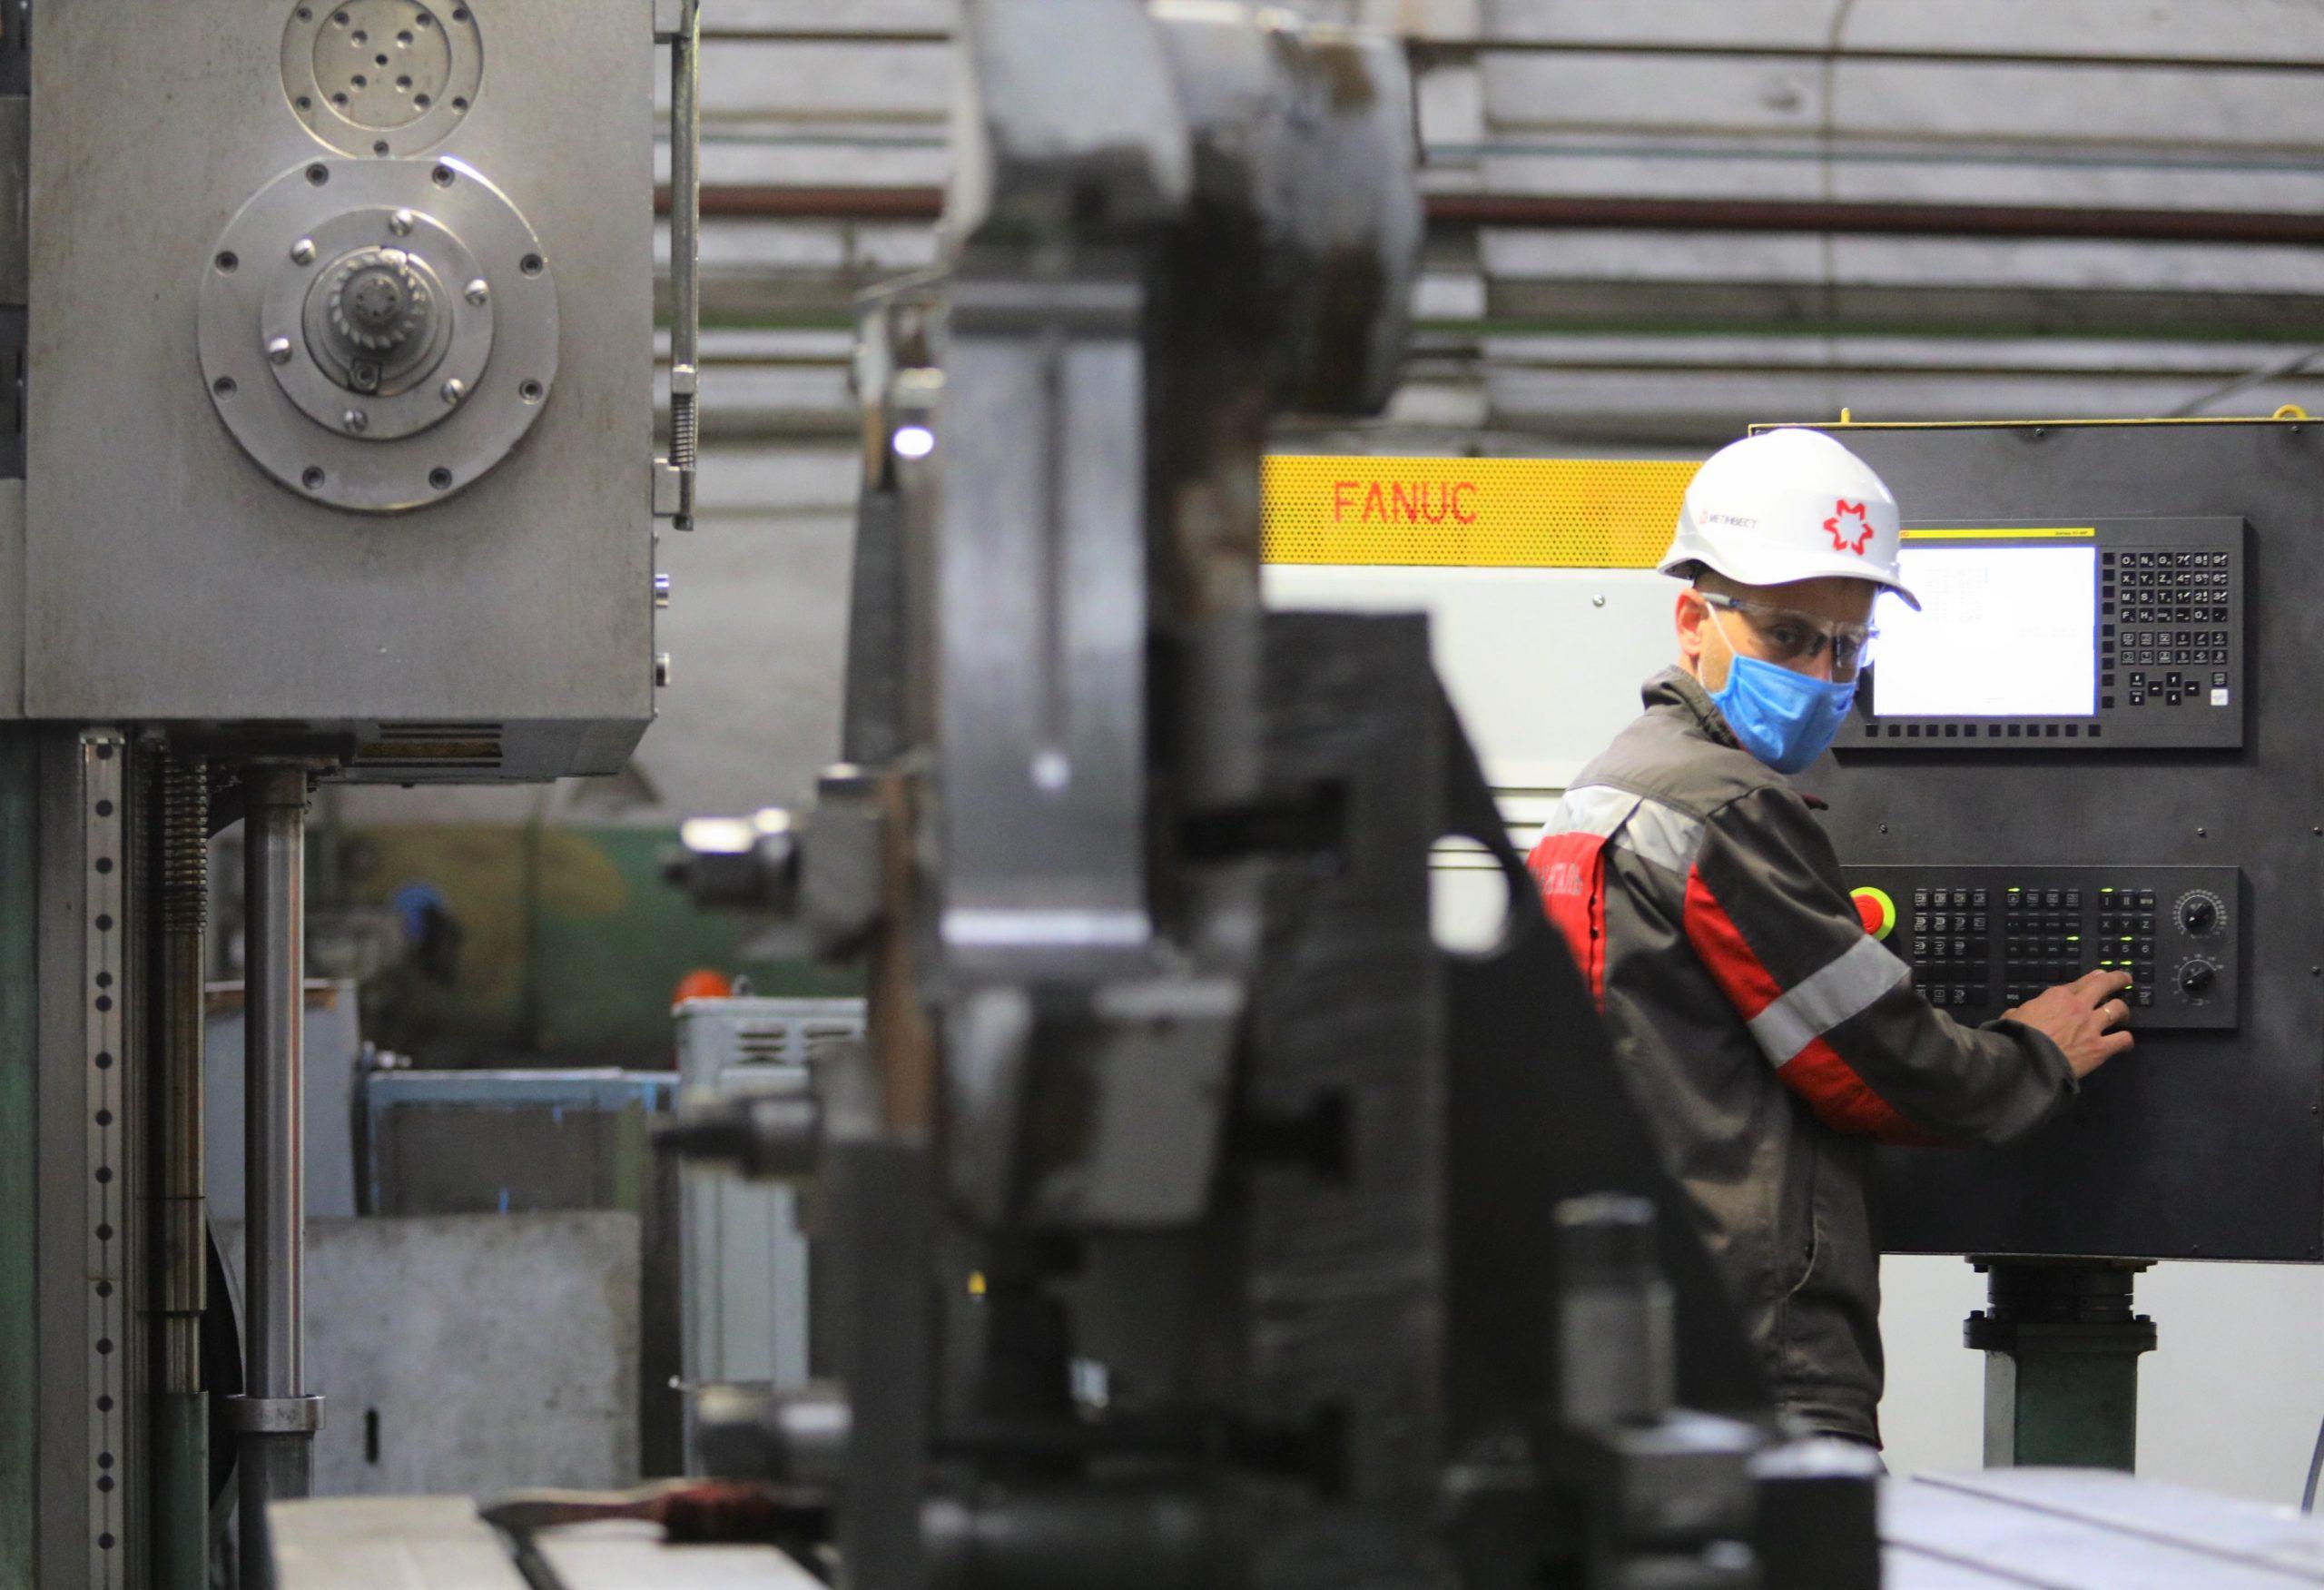 Renault для подолання кризи розглядає закриття заводів у Франції